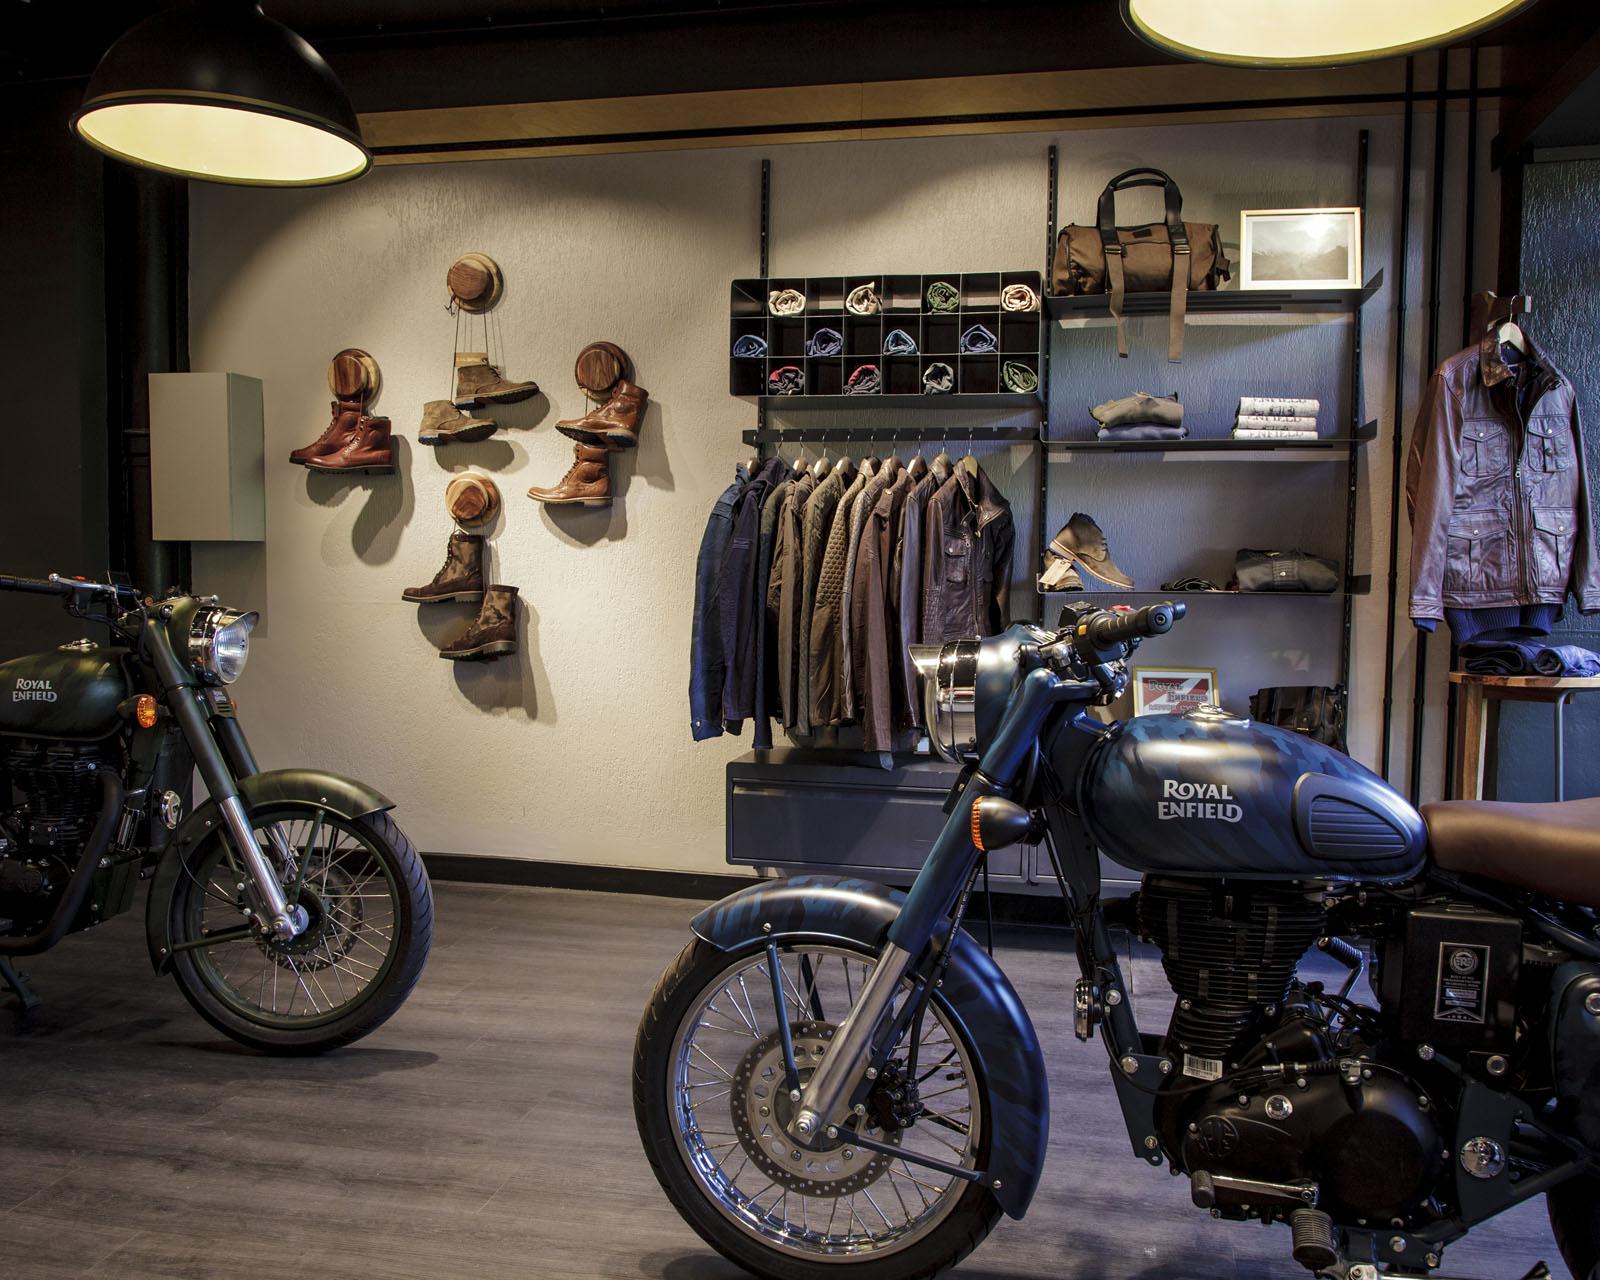 moto vintage royal enfield inaugure sa nouvelle boutique pr s de paris french driver. Black Bedroom Furniture Sets. Home Design Ideas